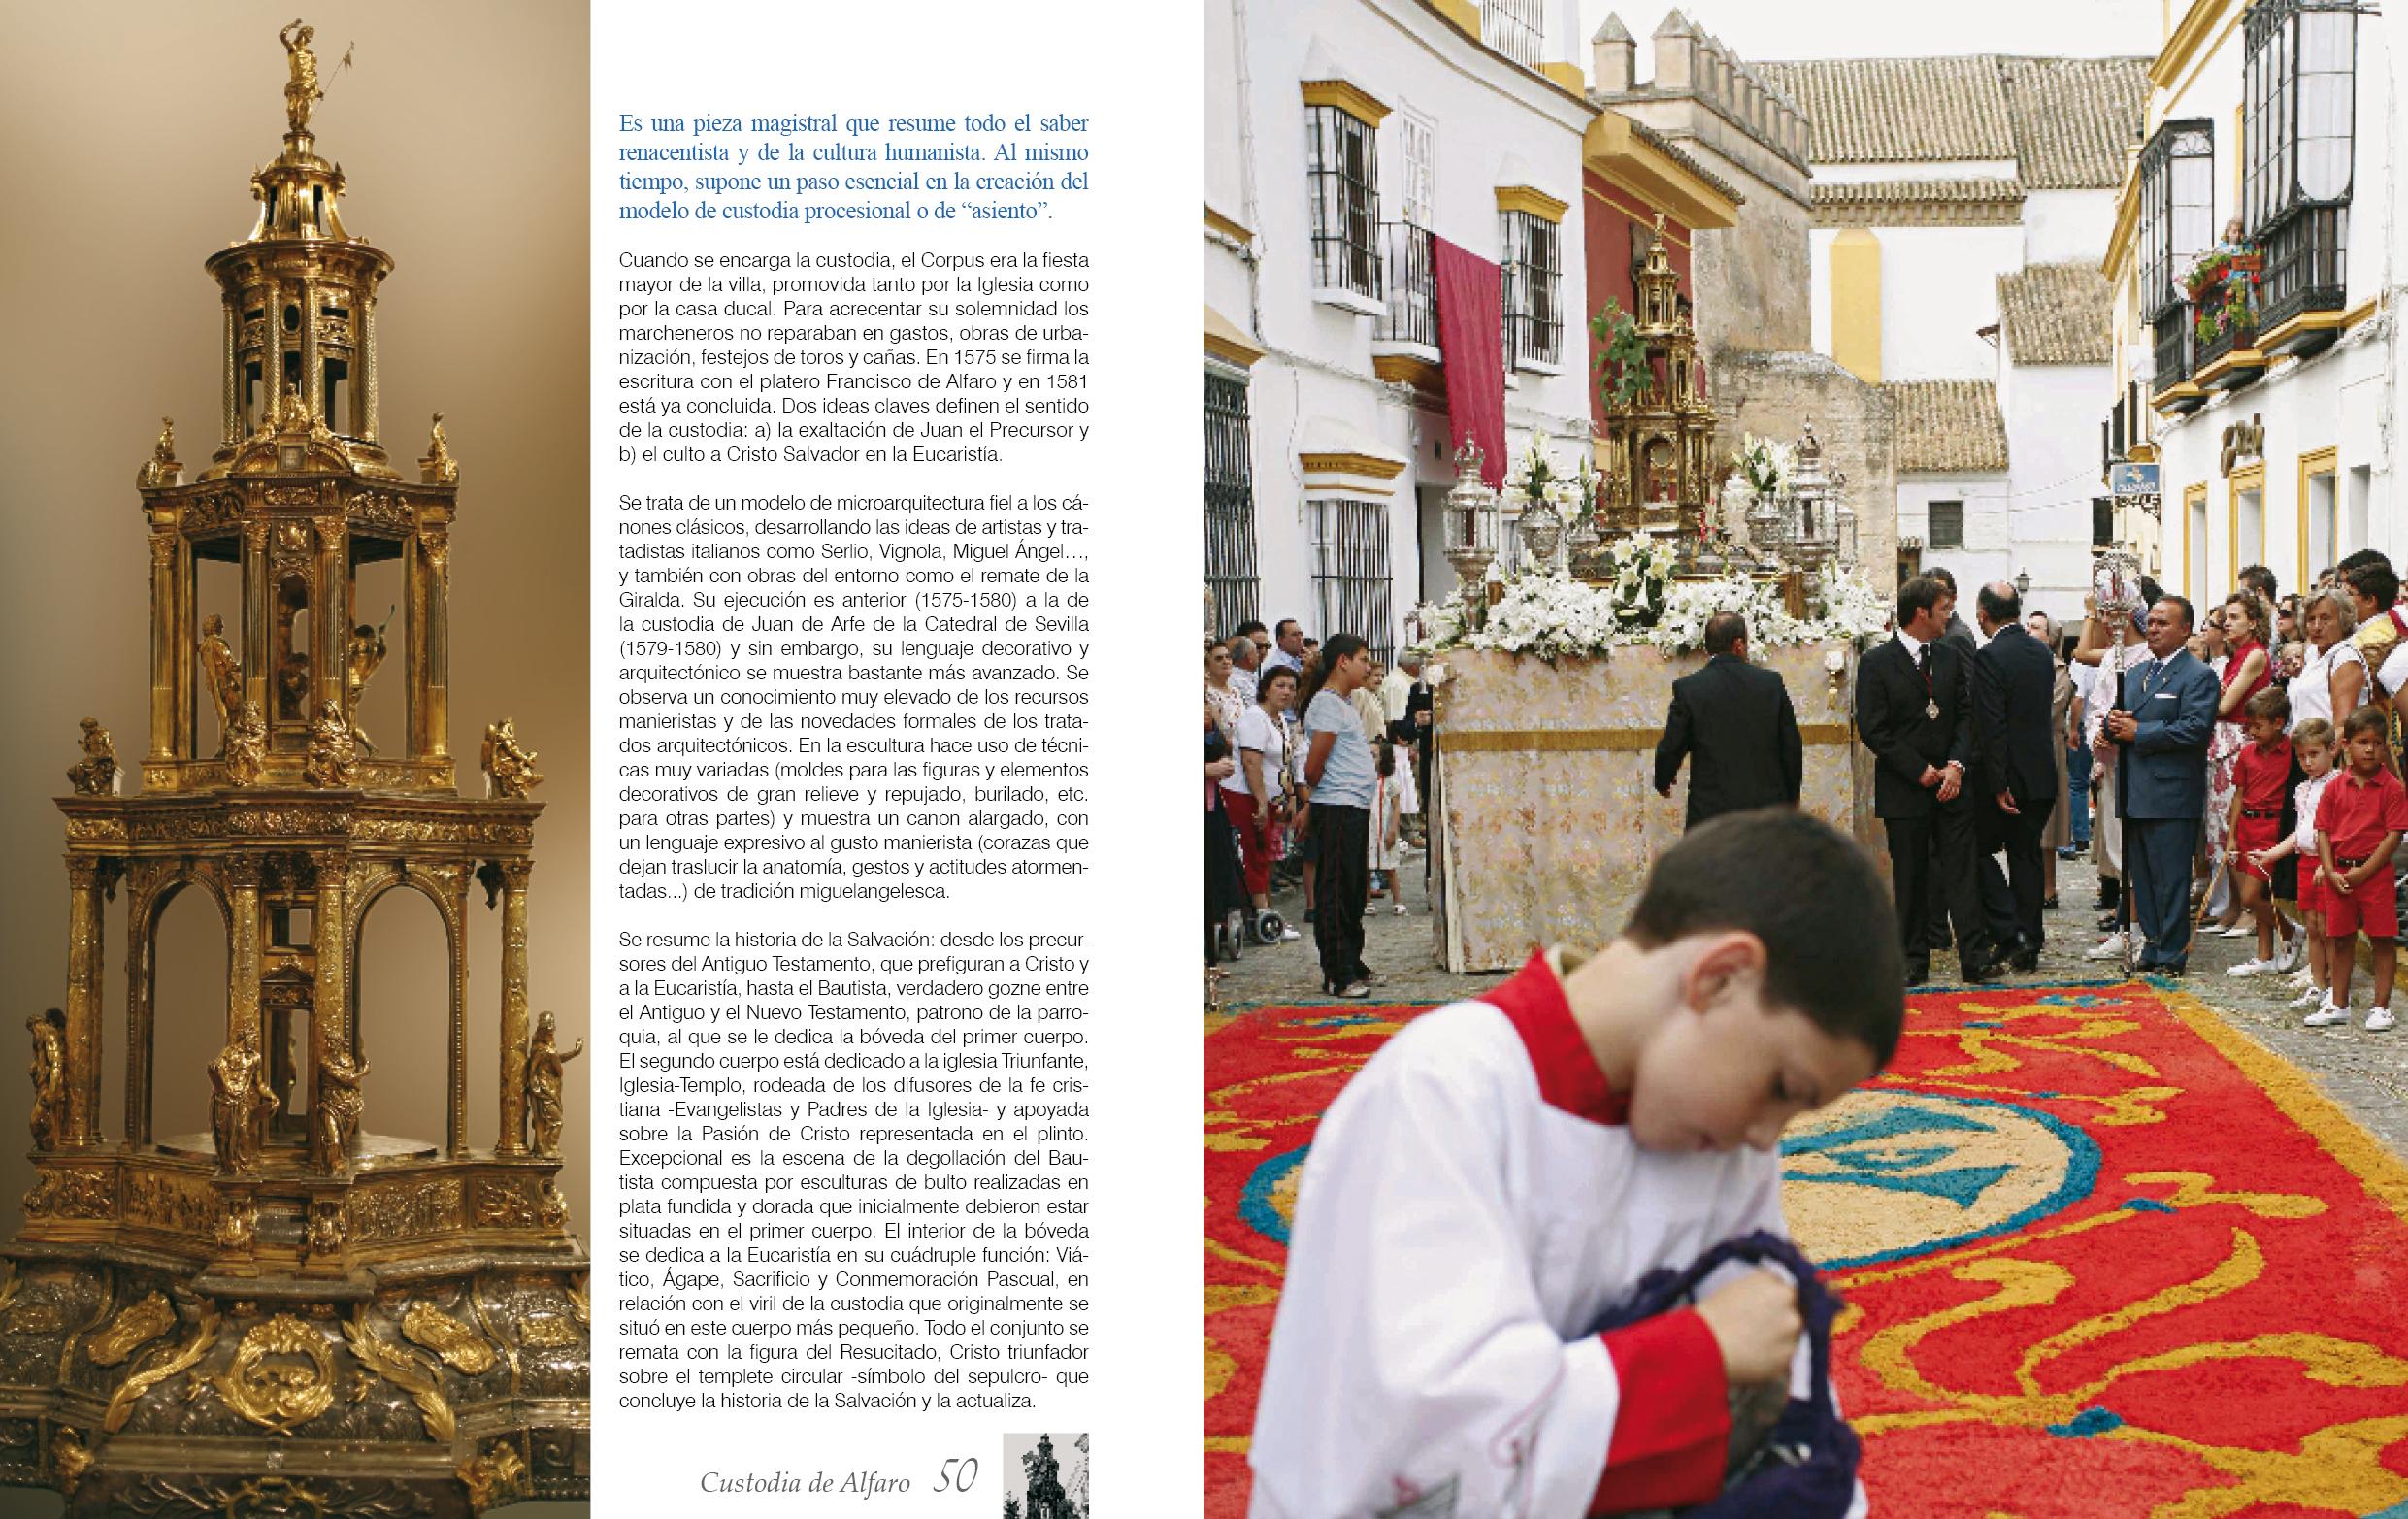 El Corpus en Marchena en nuestro libro sobre la Parrquia de San Juan. Fotos: José Luis Navarro